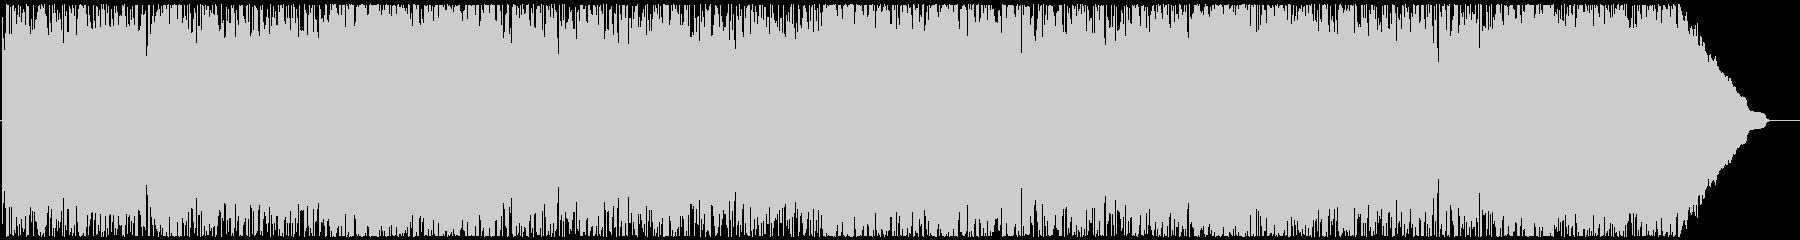 ワイルドなギターがメインのBGMの未再生の波形